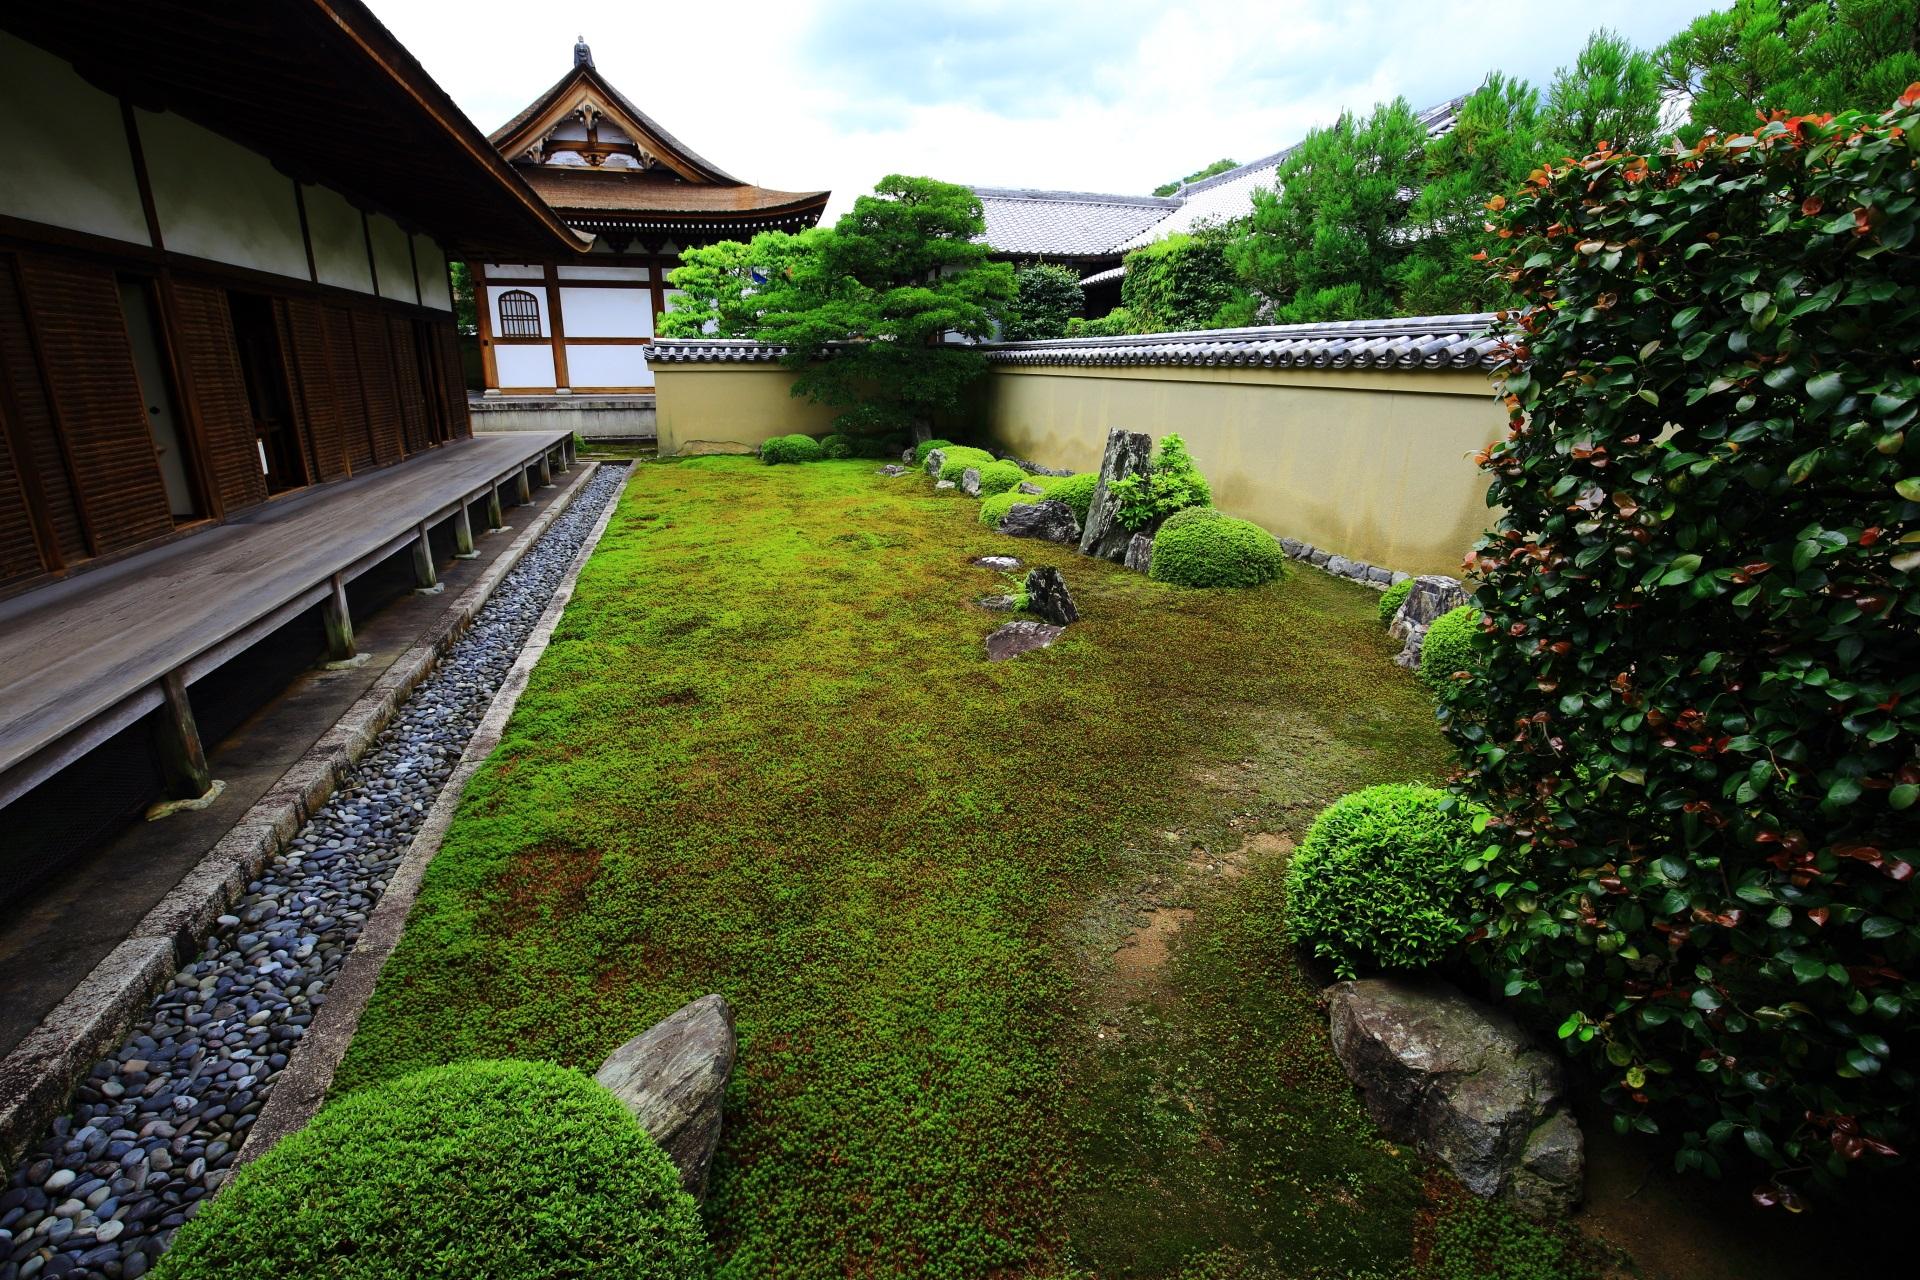 相阿弥作の庭園と伝えられる龍源院の方丈裏の龍吟庭